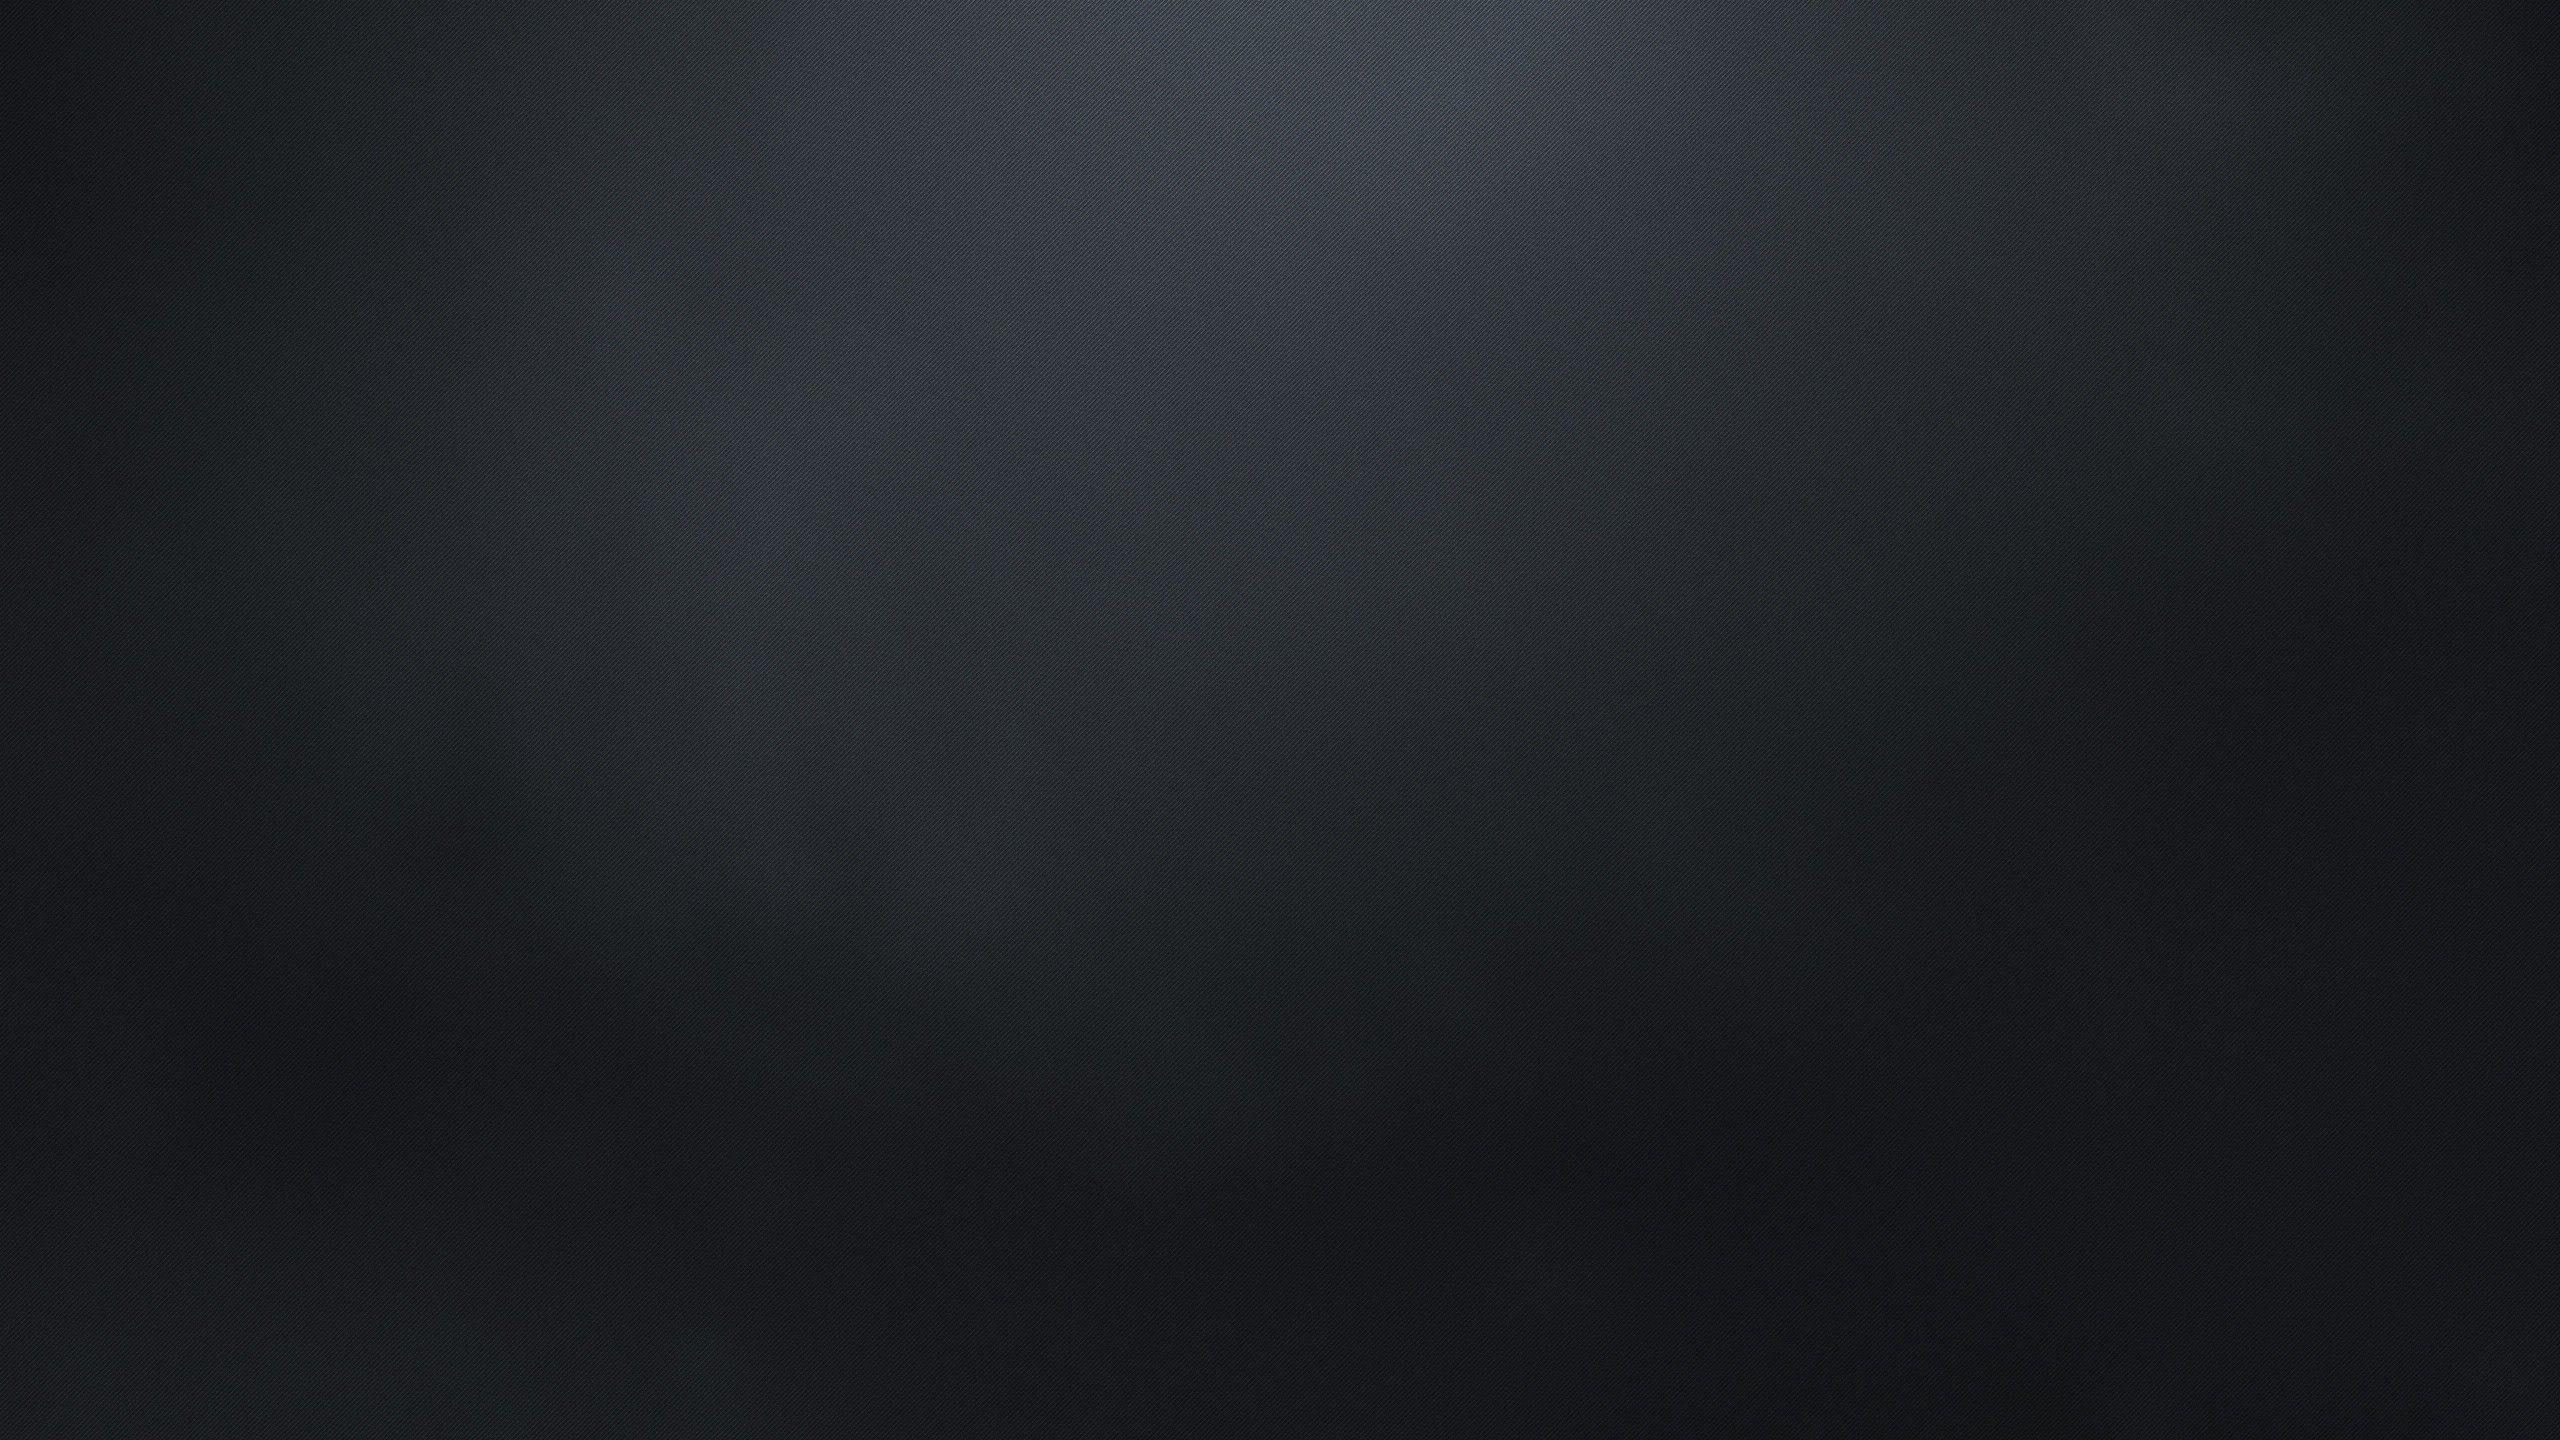 Dark Blue Green Gradient 4k In 1440x2560 Resolution Dark